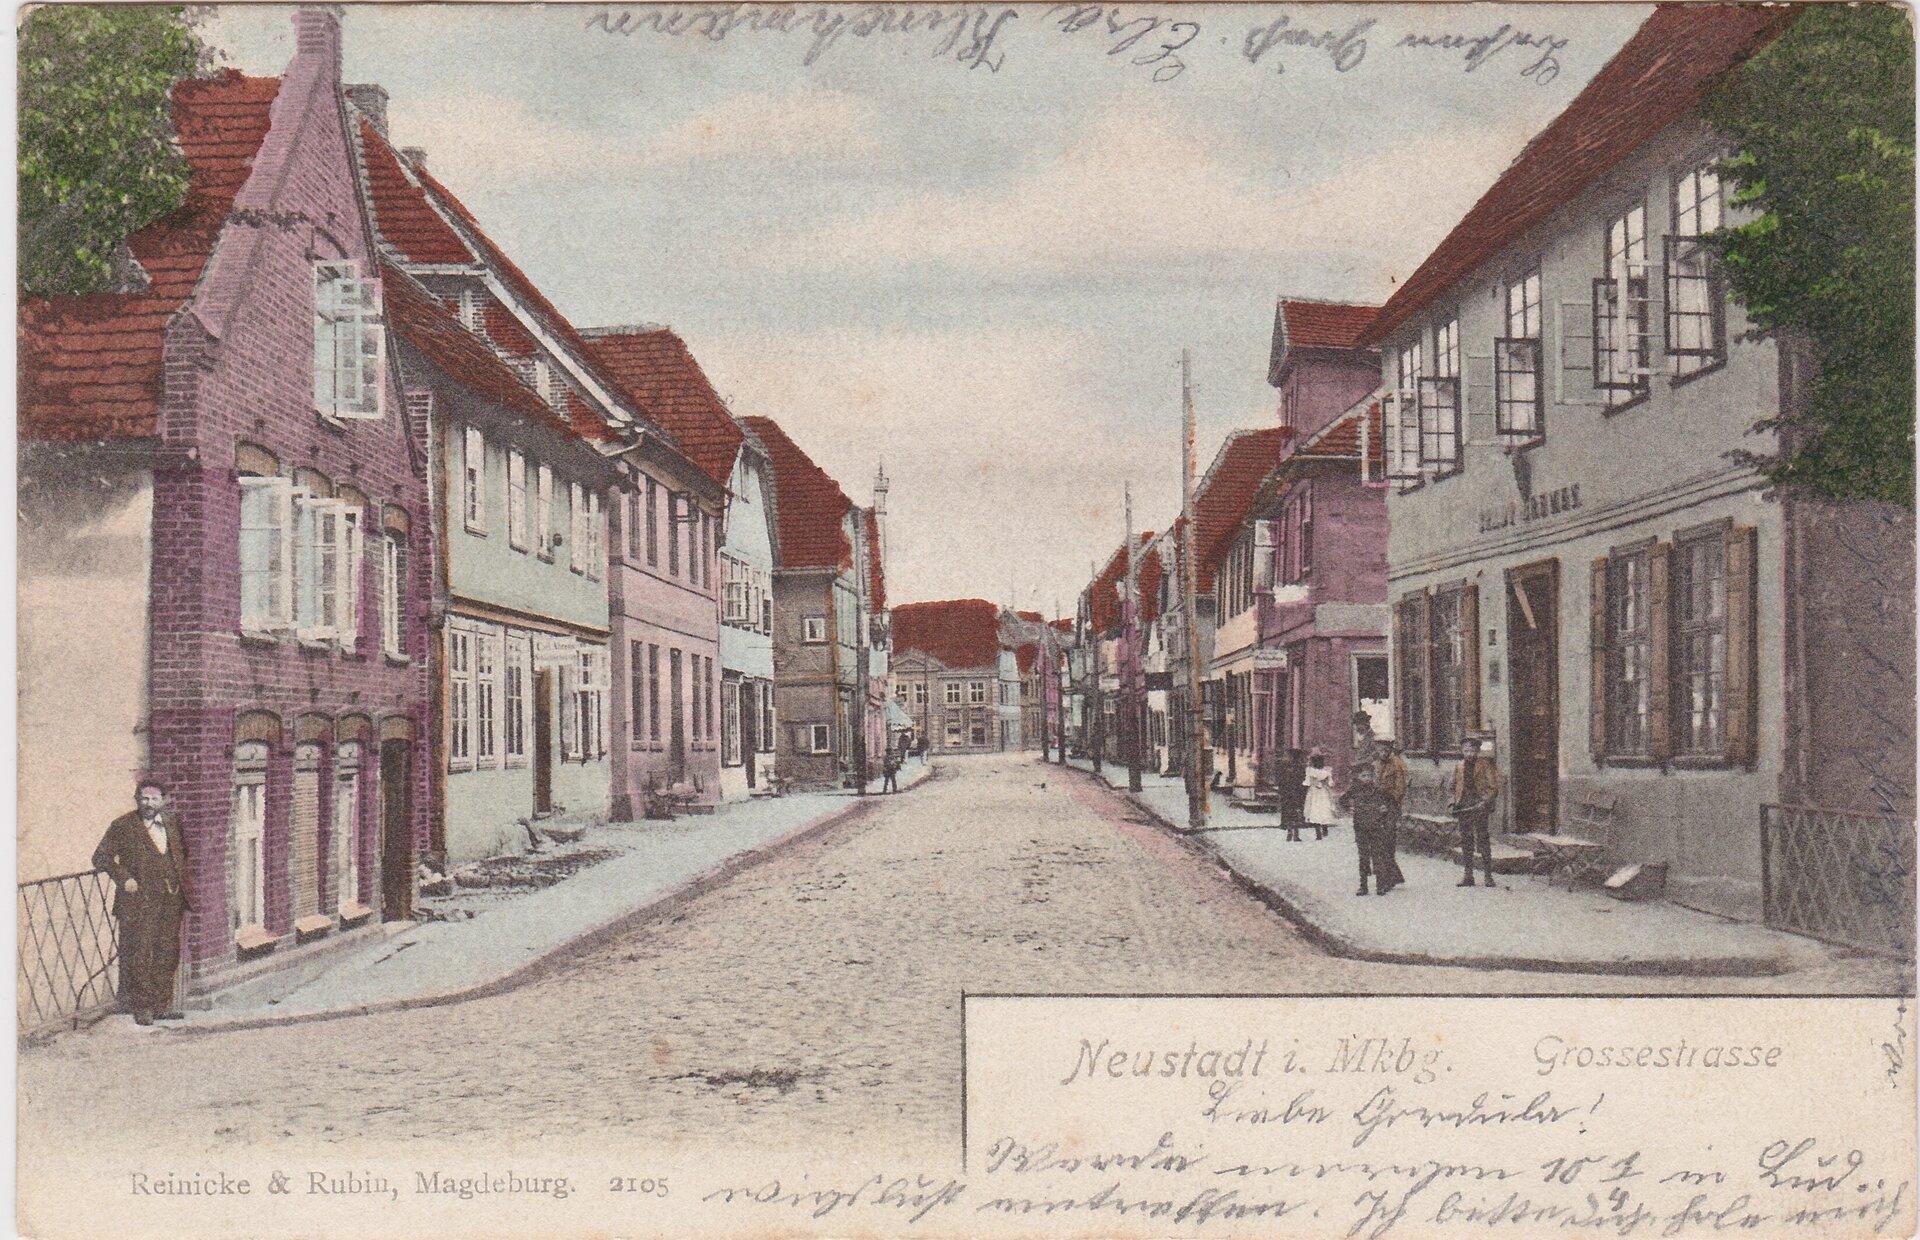 Grosse Strasse mit Blick zum Markt, links heutige VR-Bank, rechts ehem. Hotel Stadt Bremen, Aufnahme vor 1926